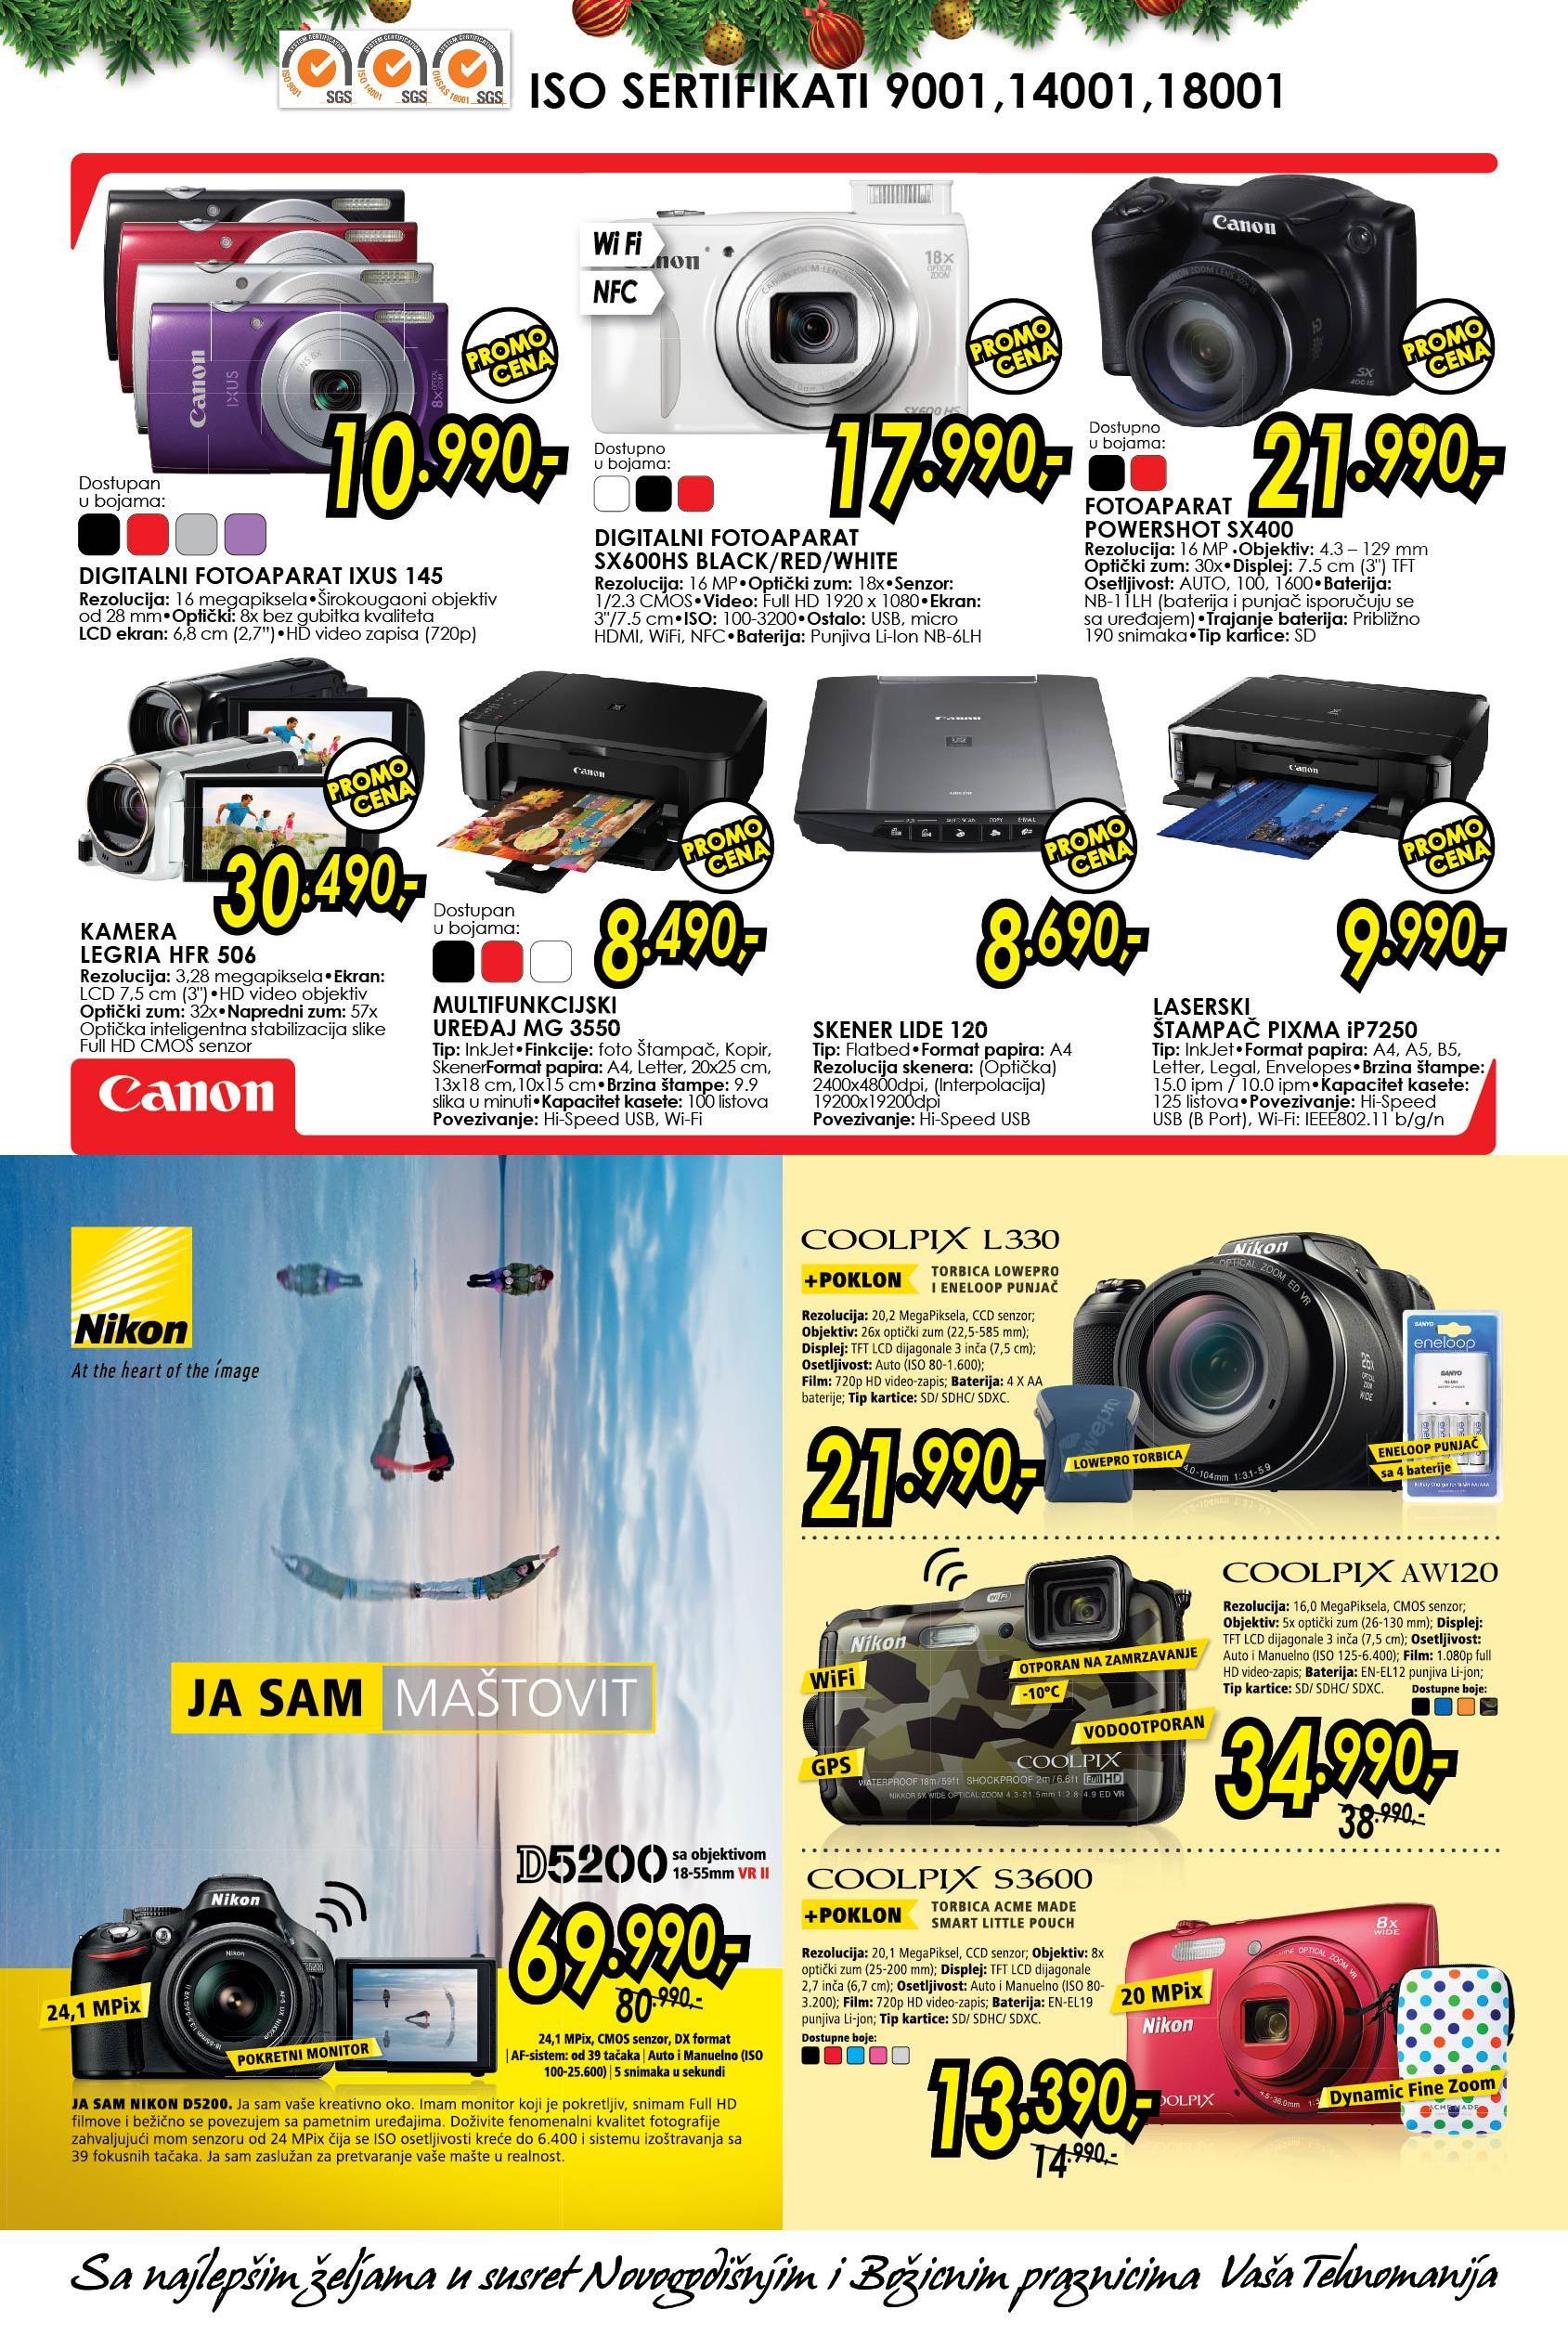 Tehnomanija akcija računari i fotoaparati